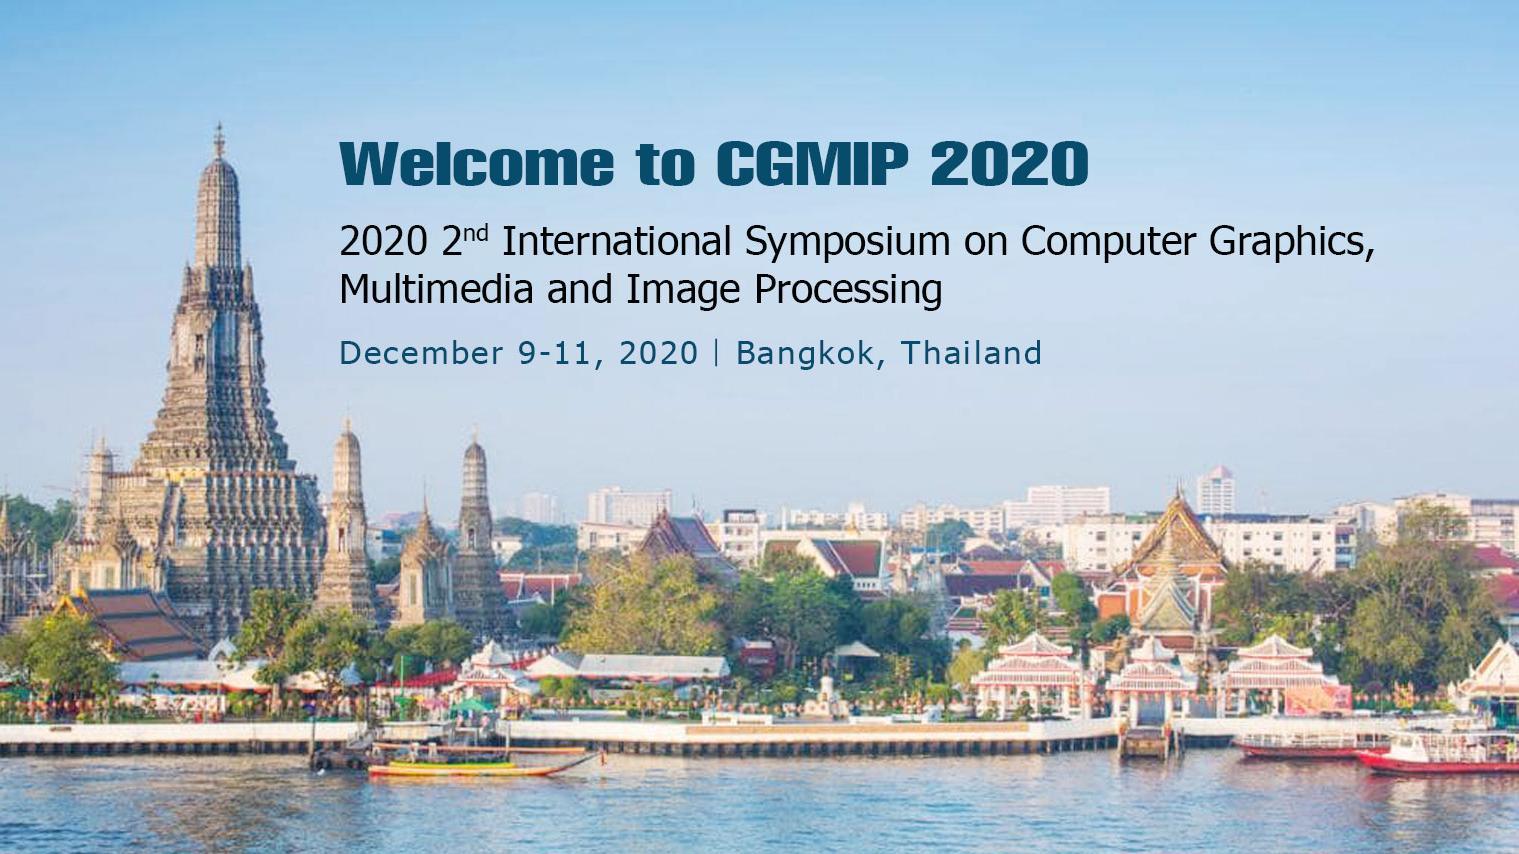 第二届计算机图形、多媒体与图像处理国际会议(CGMIP 20